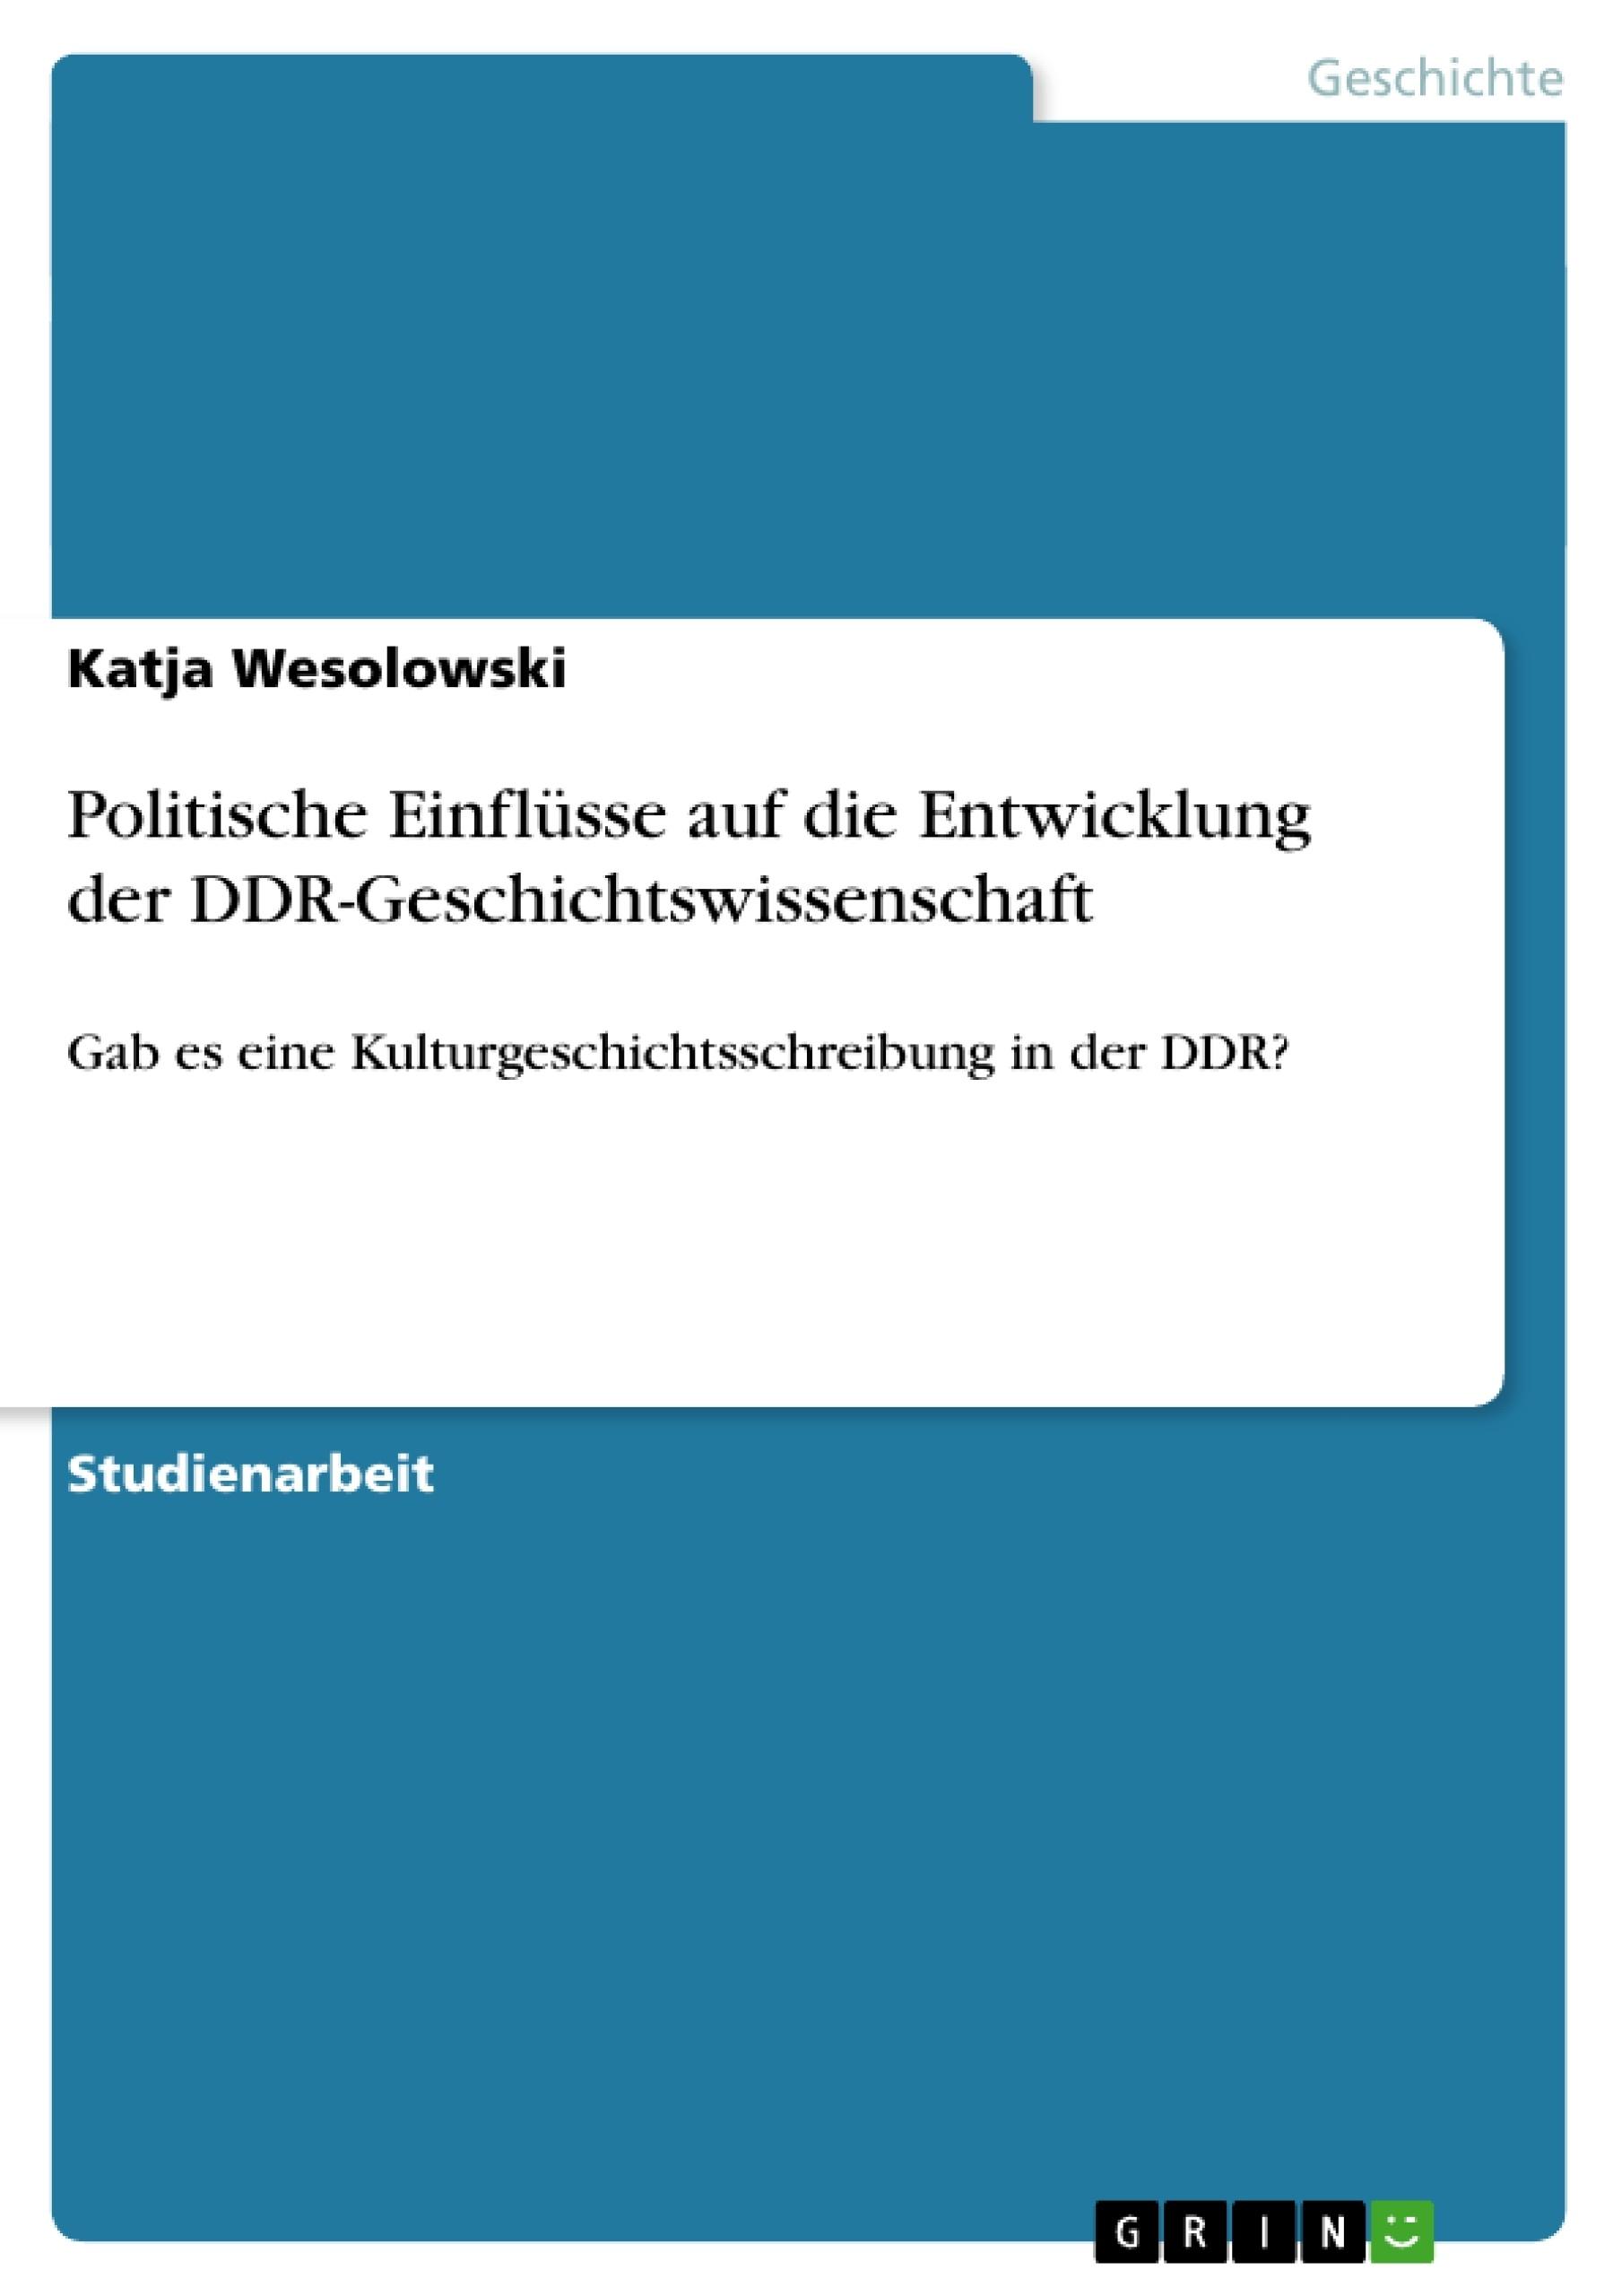 Titel: Politische Einflüsse auf die Entwicklung der DDR-Geschichtswissenschaft